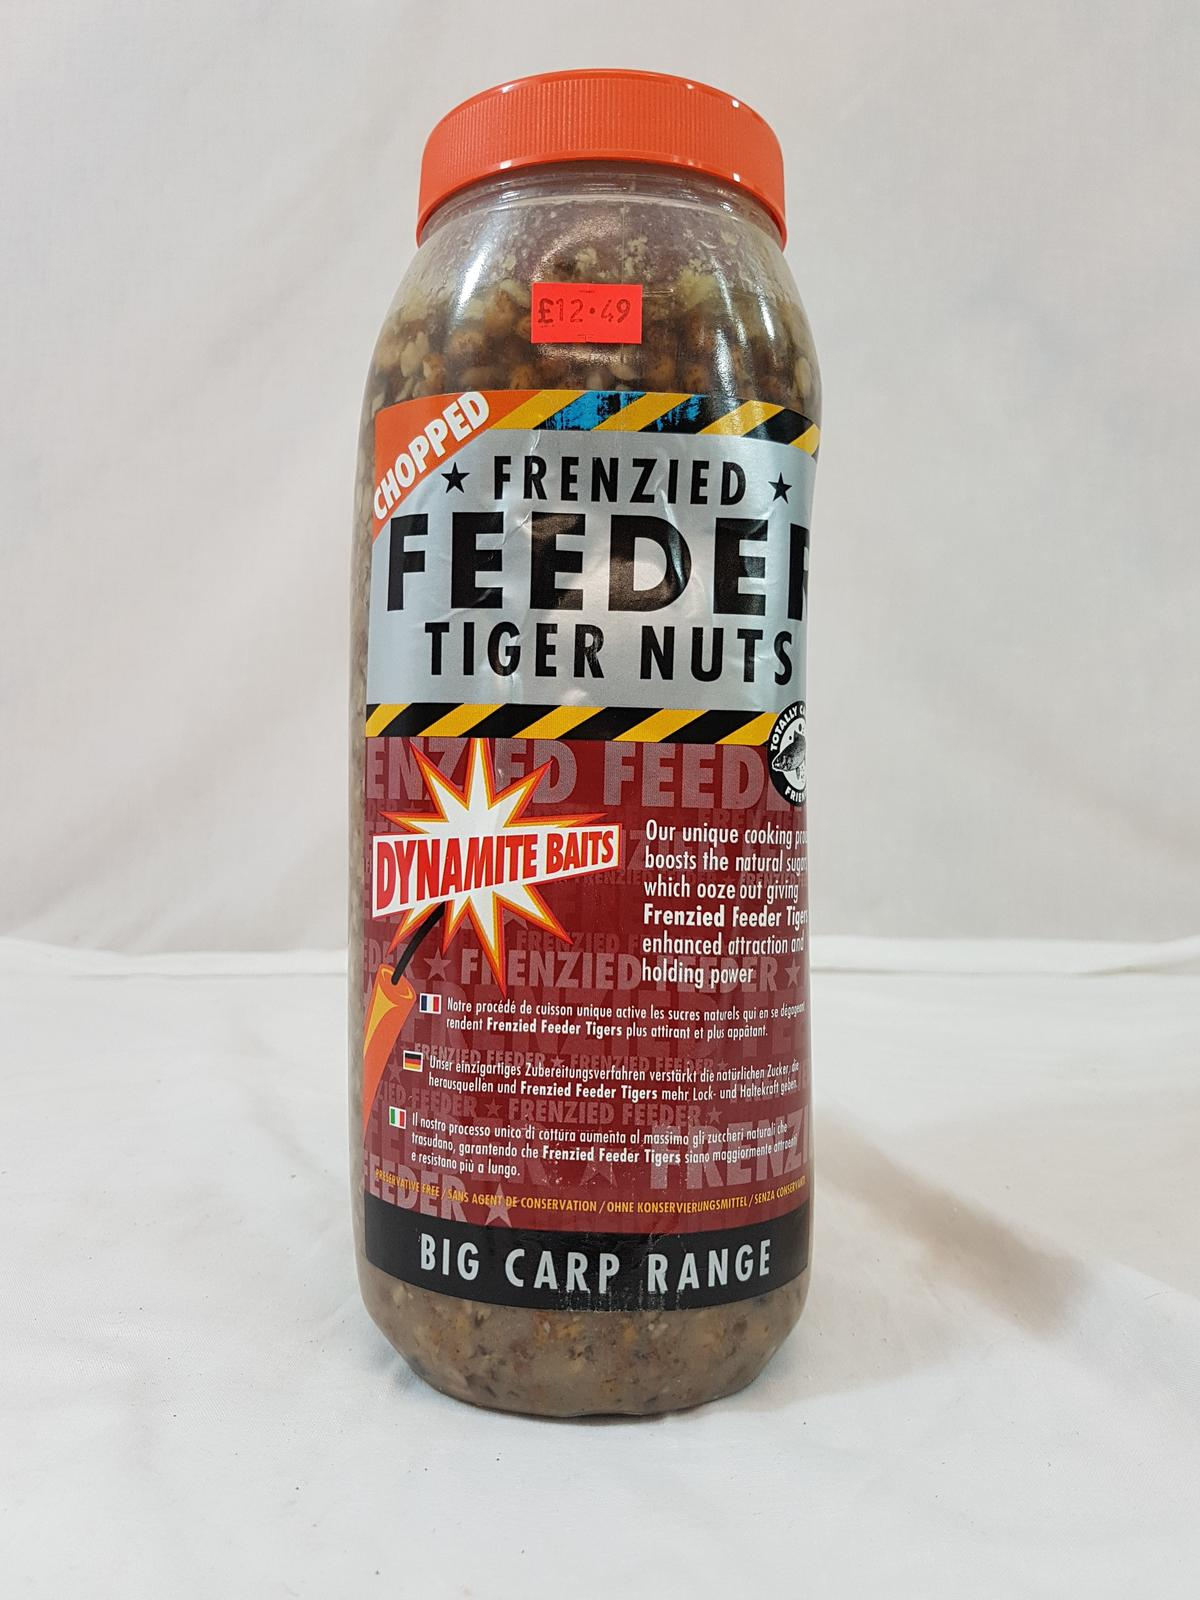 Dynamite Baits Frenzied Feeder 2.5l Jar of chopped tiger nuts